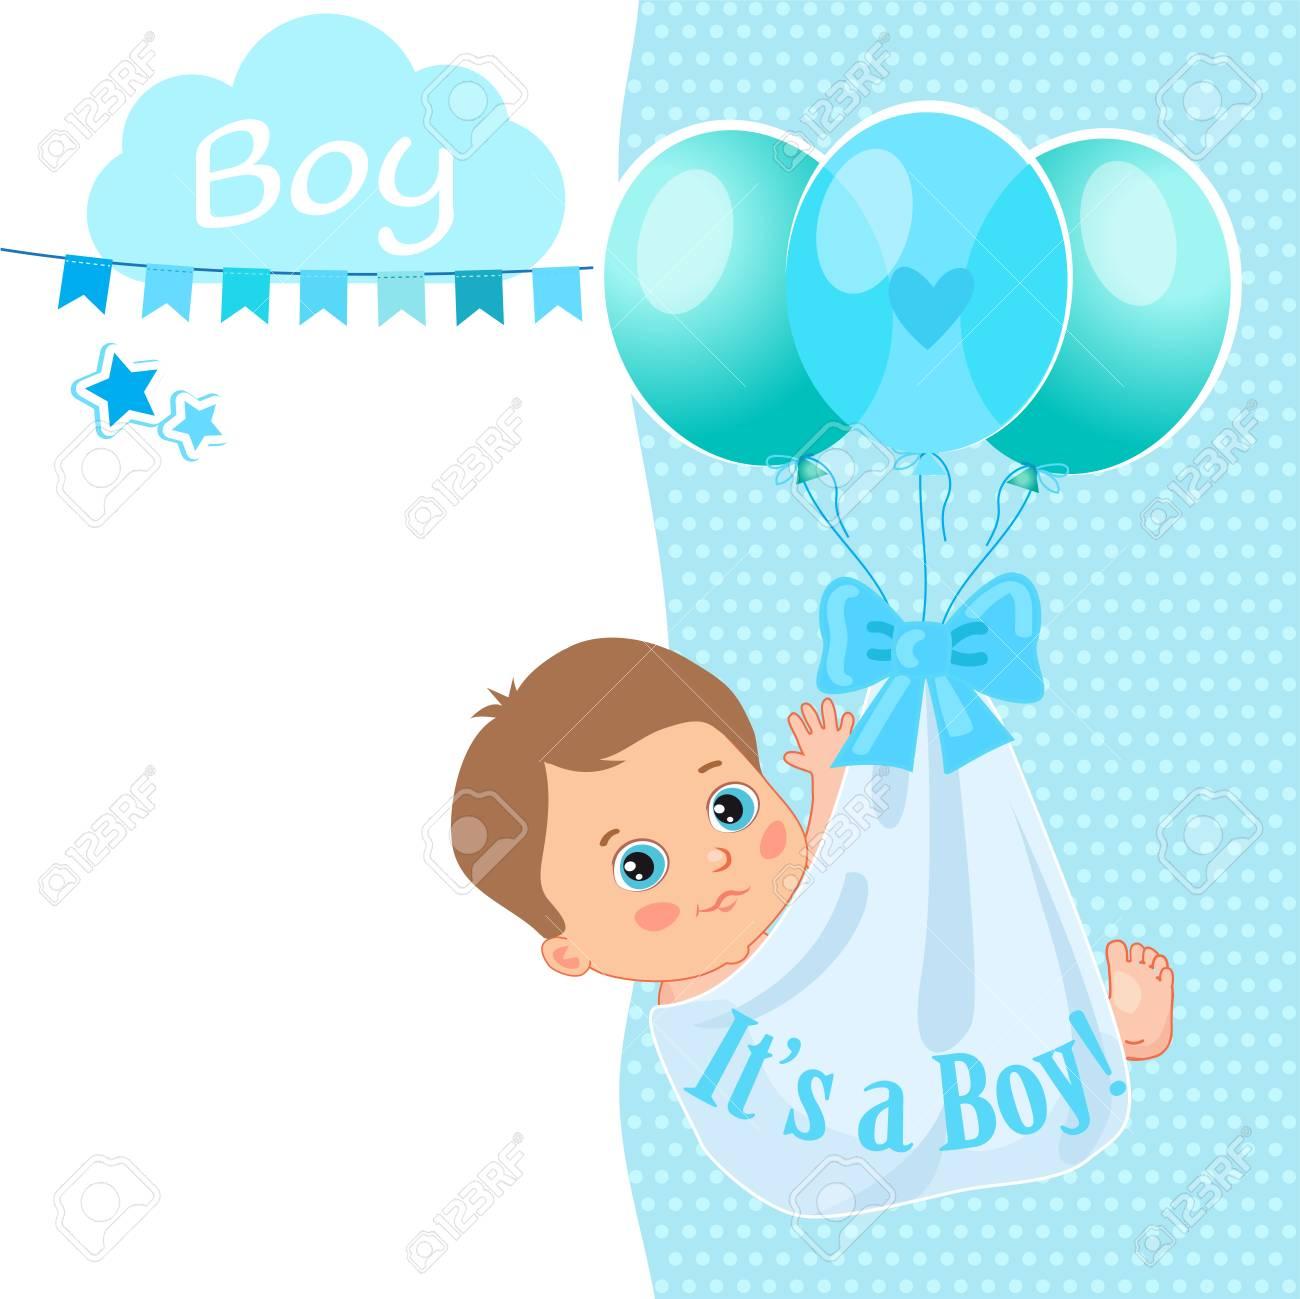 Ideas Tarjetas Baby Shower.Tarjeta De La Ducha Del Bebe Ilustracion Del Vector Invitacion De La Ducha De Bebe Es Un Muchacho Los Ninos De La Invitacion Diseno De Tarjetas